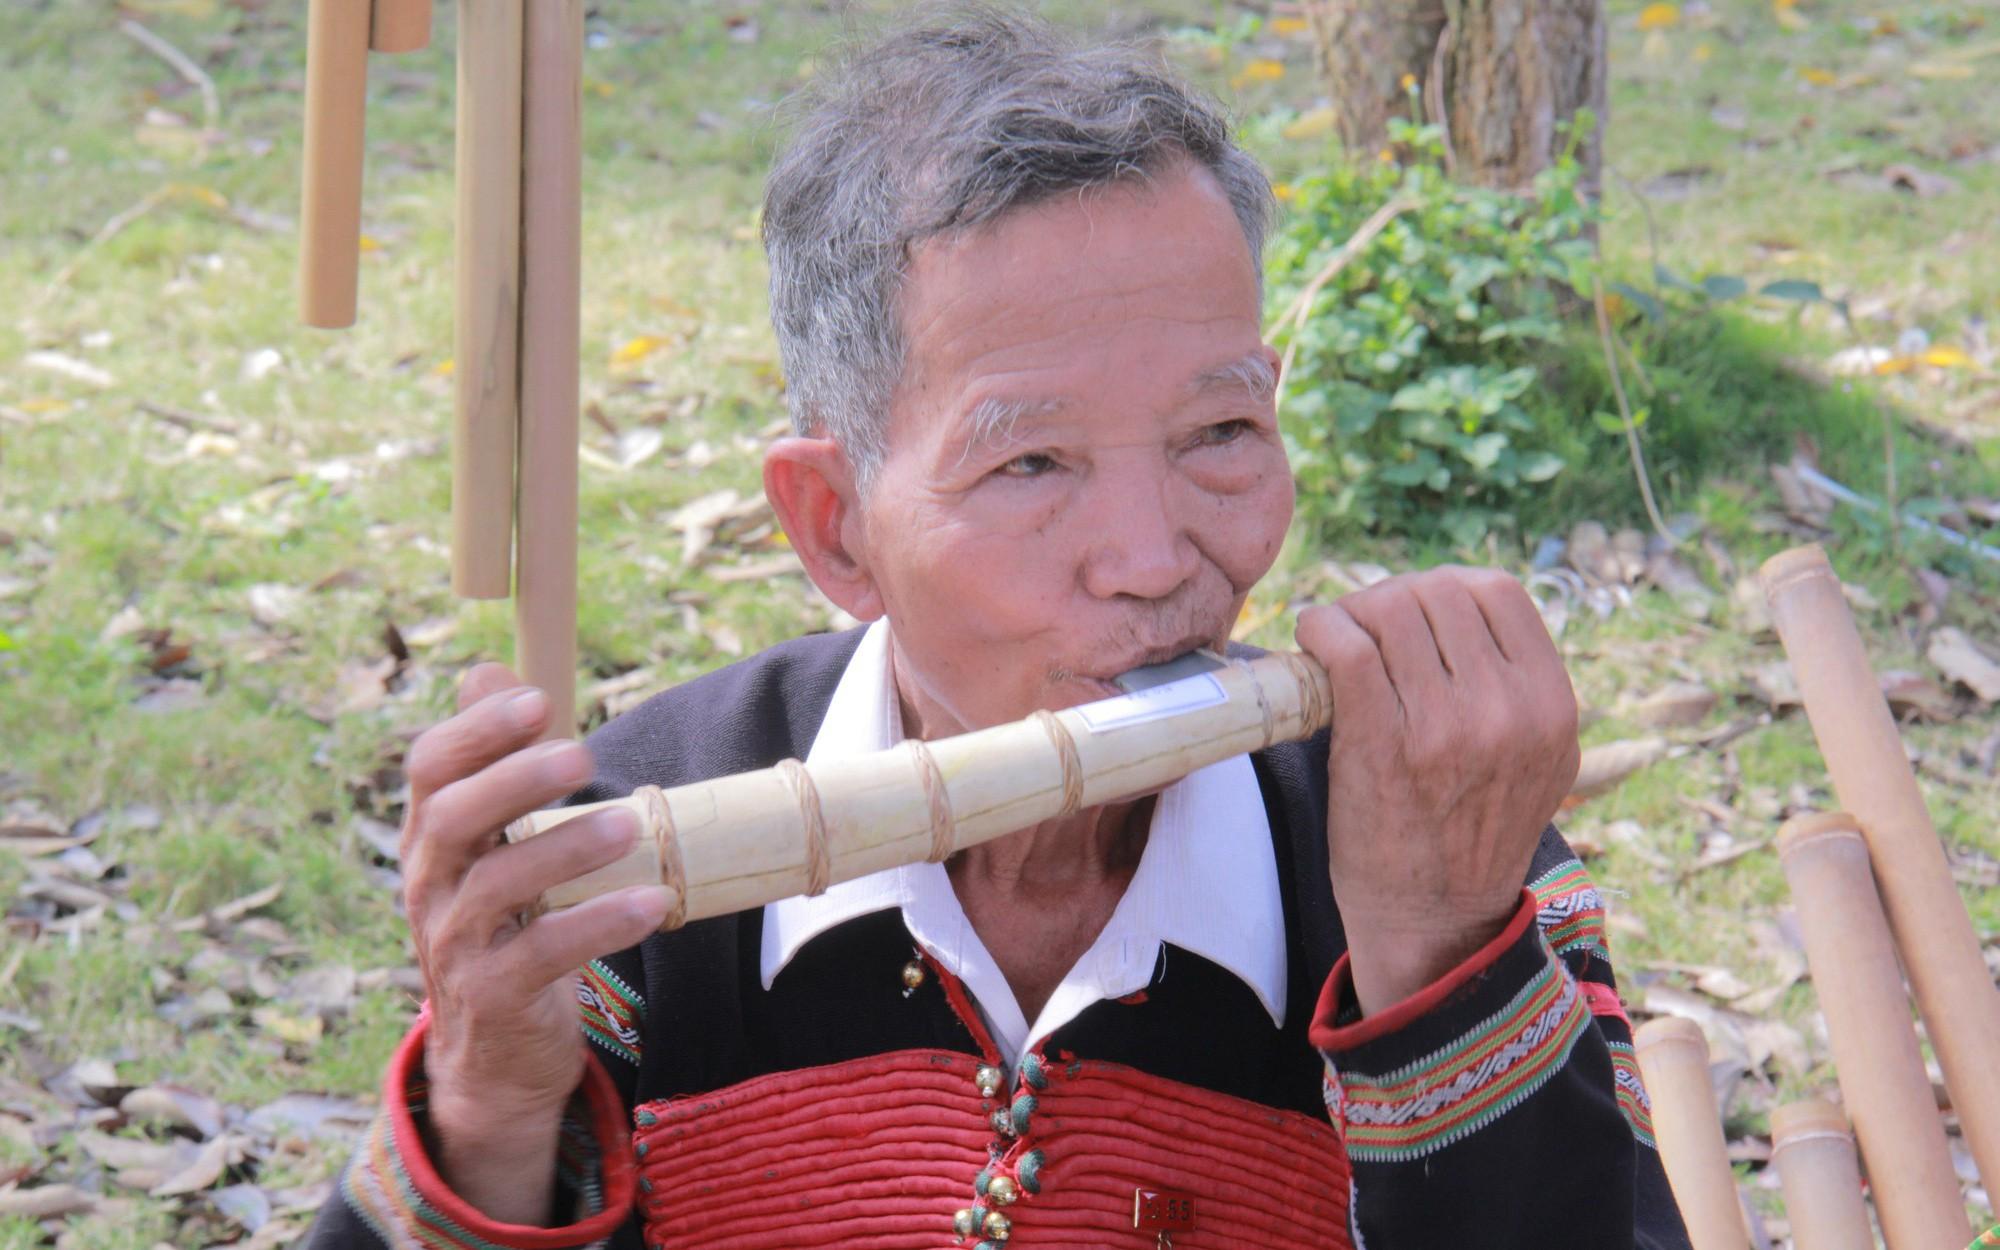 Giới thiệu âm nhạc dân gian truyền thống của đồng bào các dân tộc tại